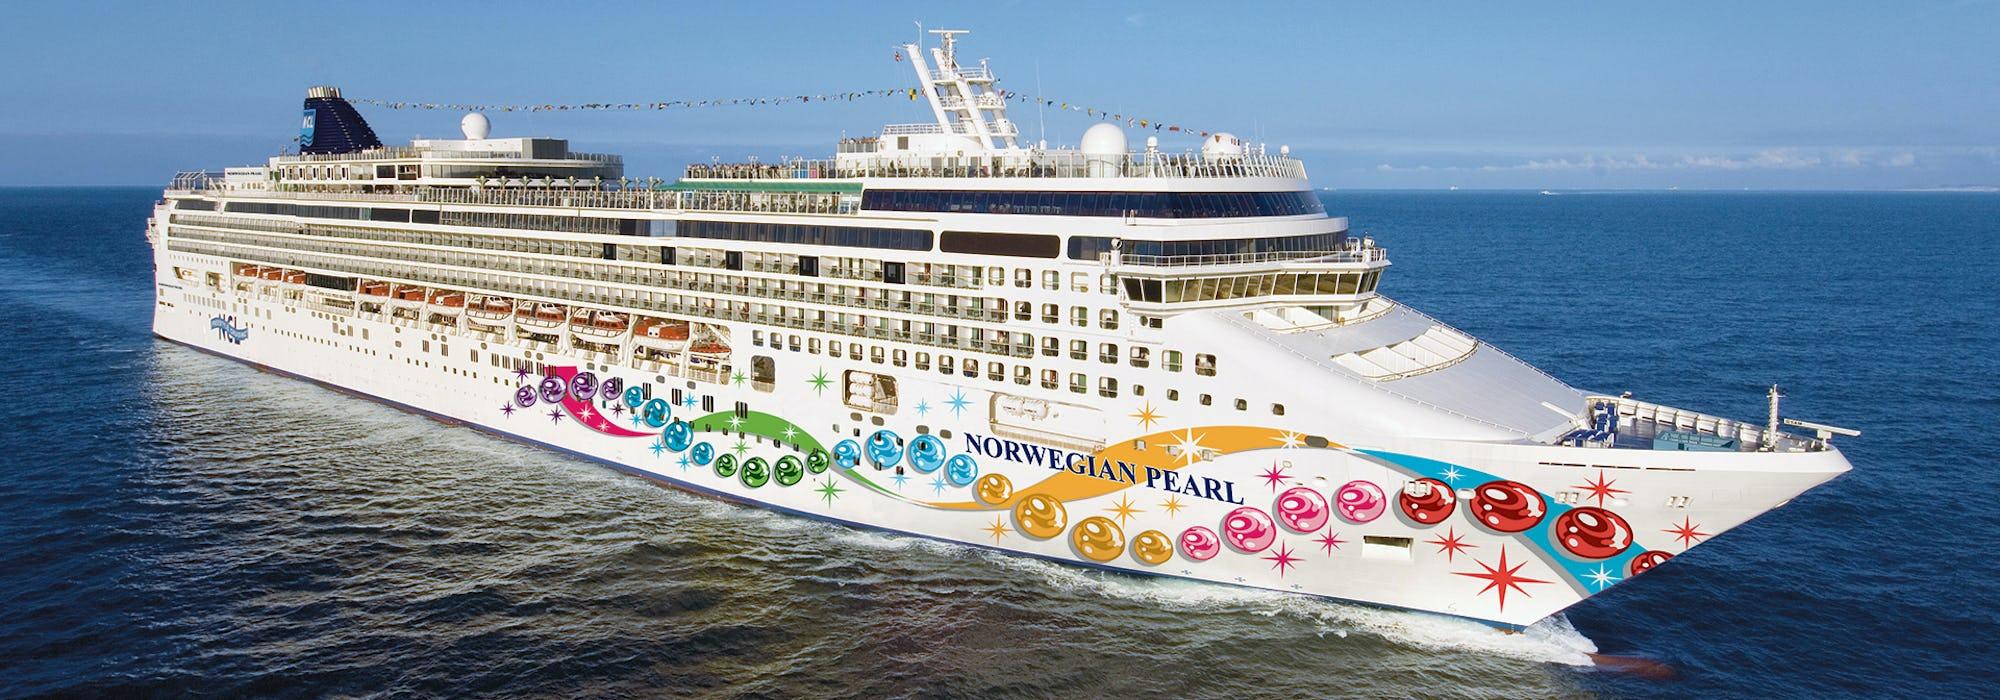 Bild på Norwegian Pearl tagen från sidan medan fartyget kryssar sig fram.